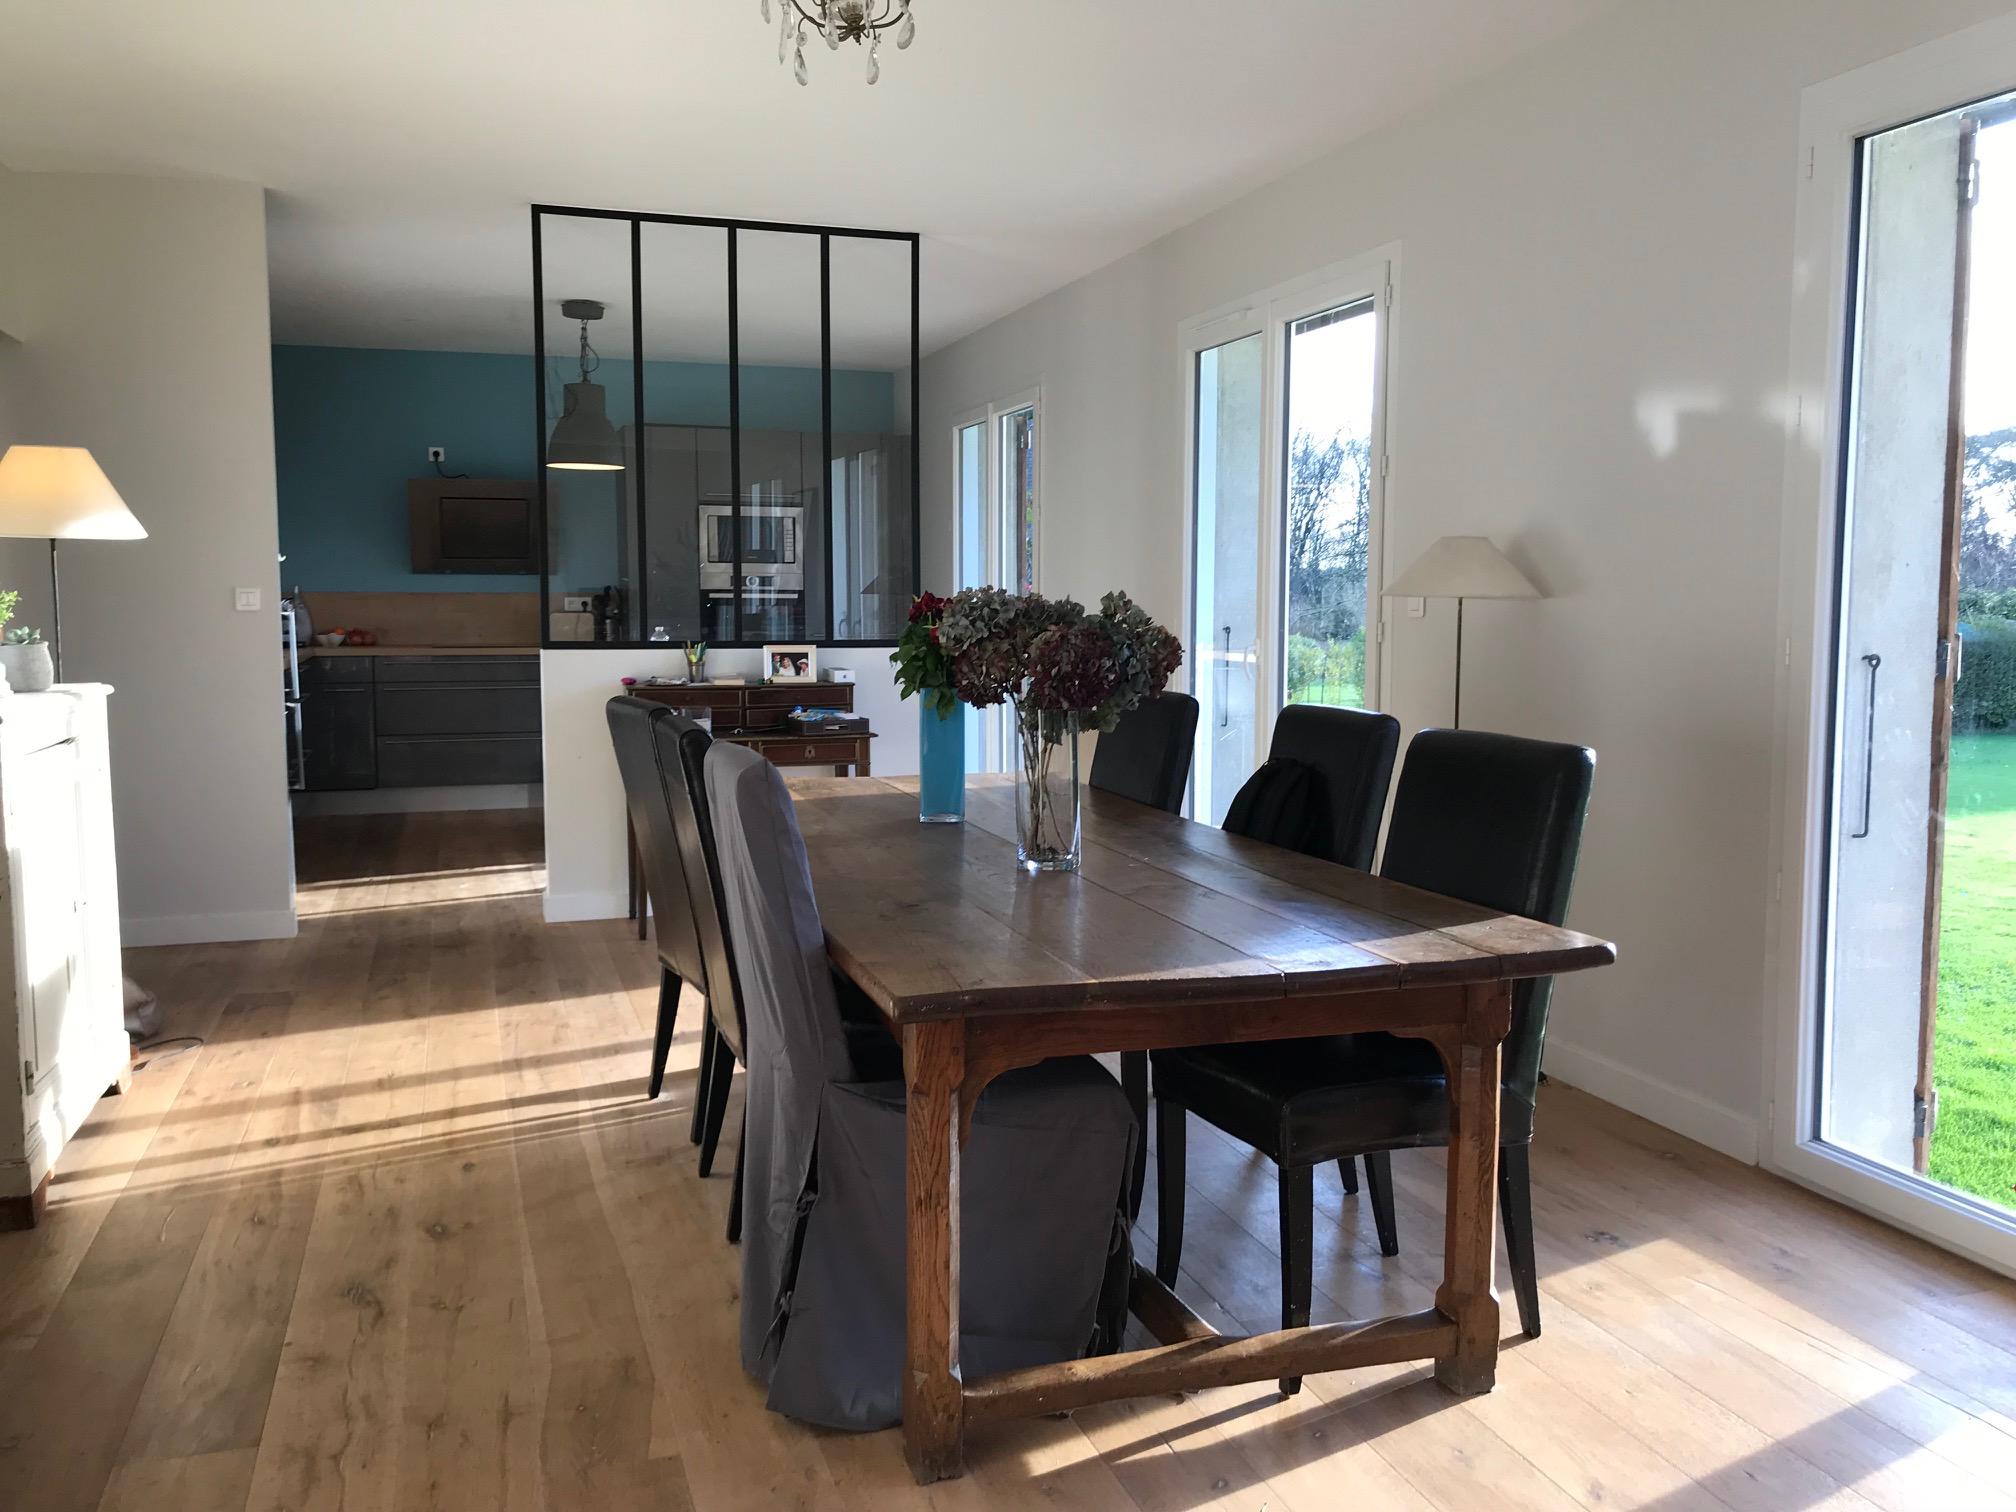 maison-a-vendre-saint-martin-du-vivier